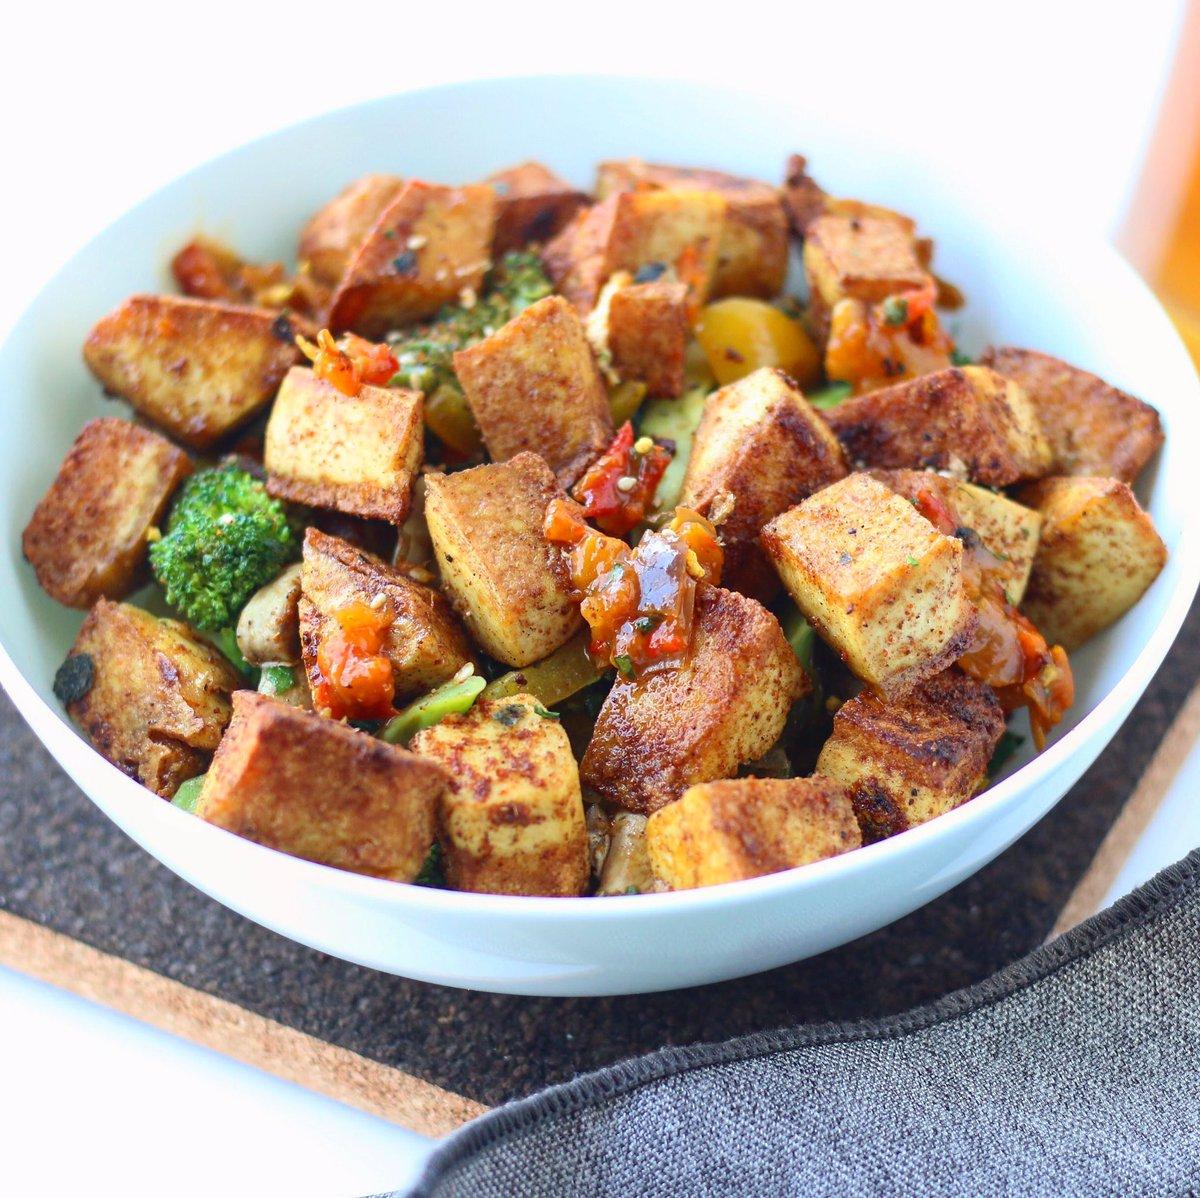 Image result for awara food